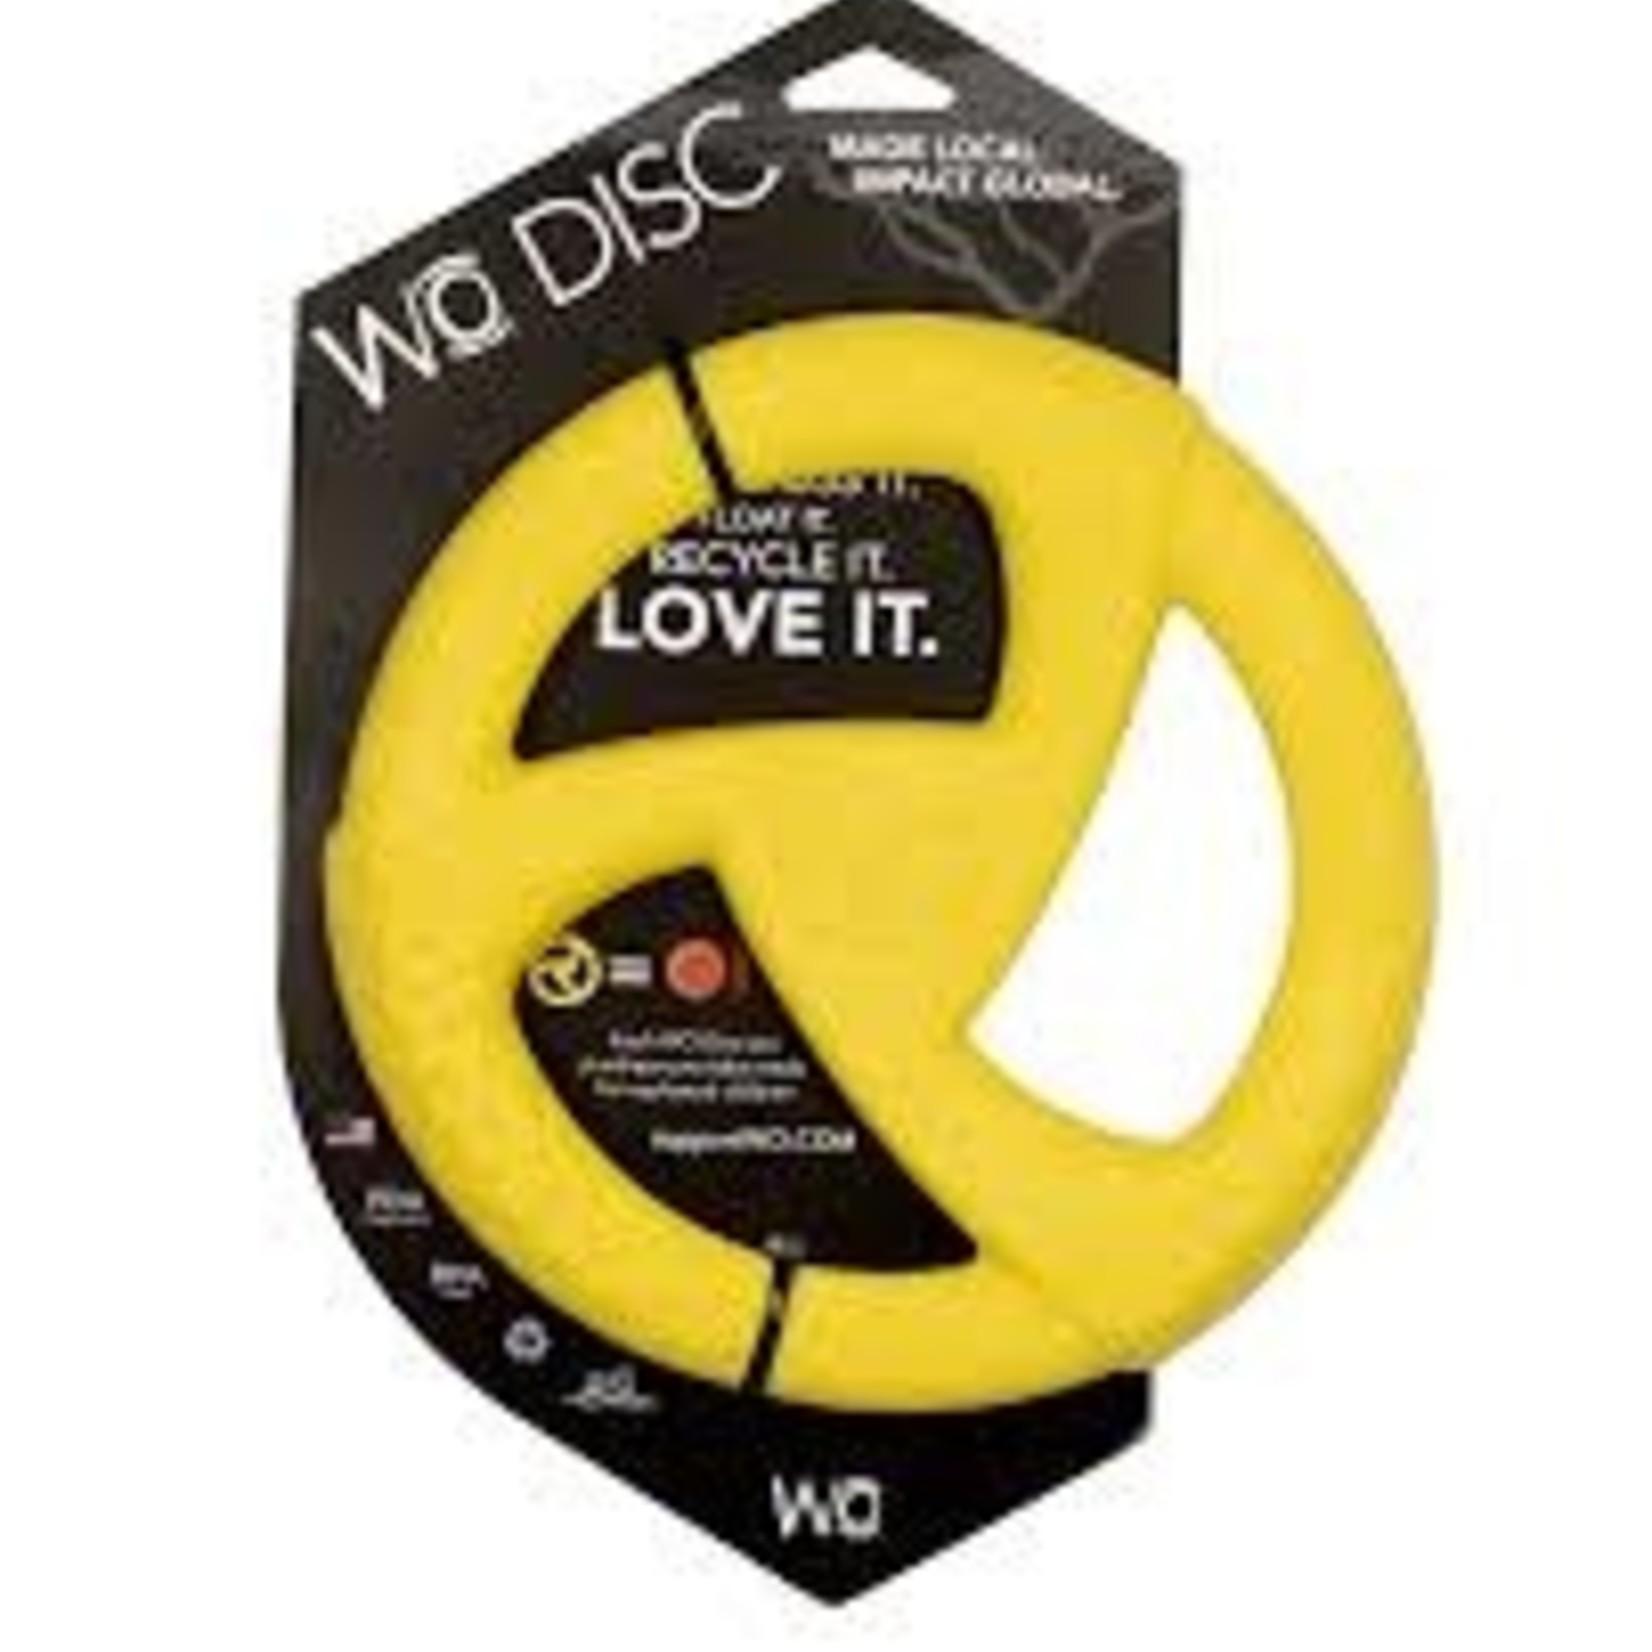 WO WO Dog Disc Yellow